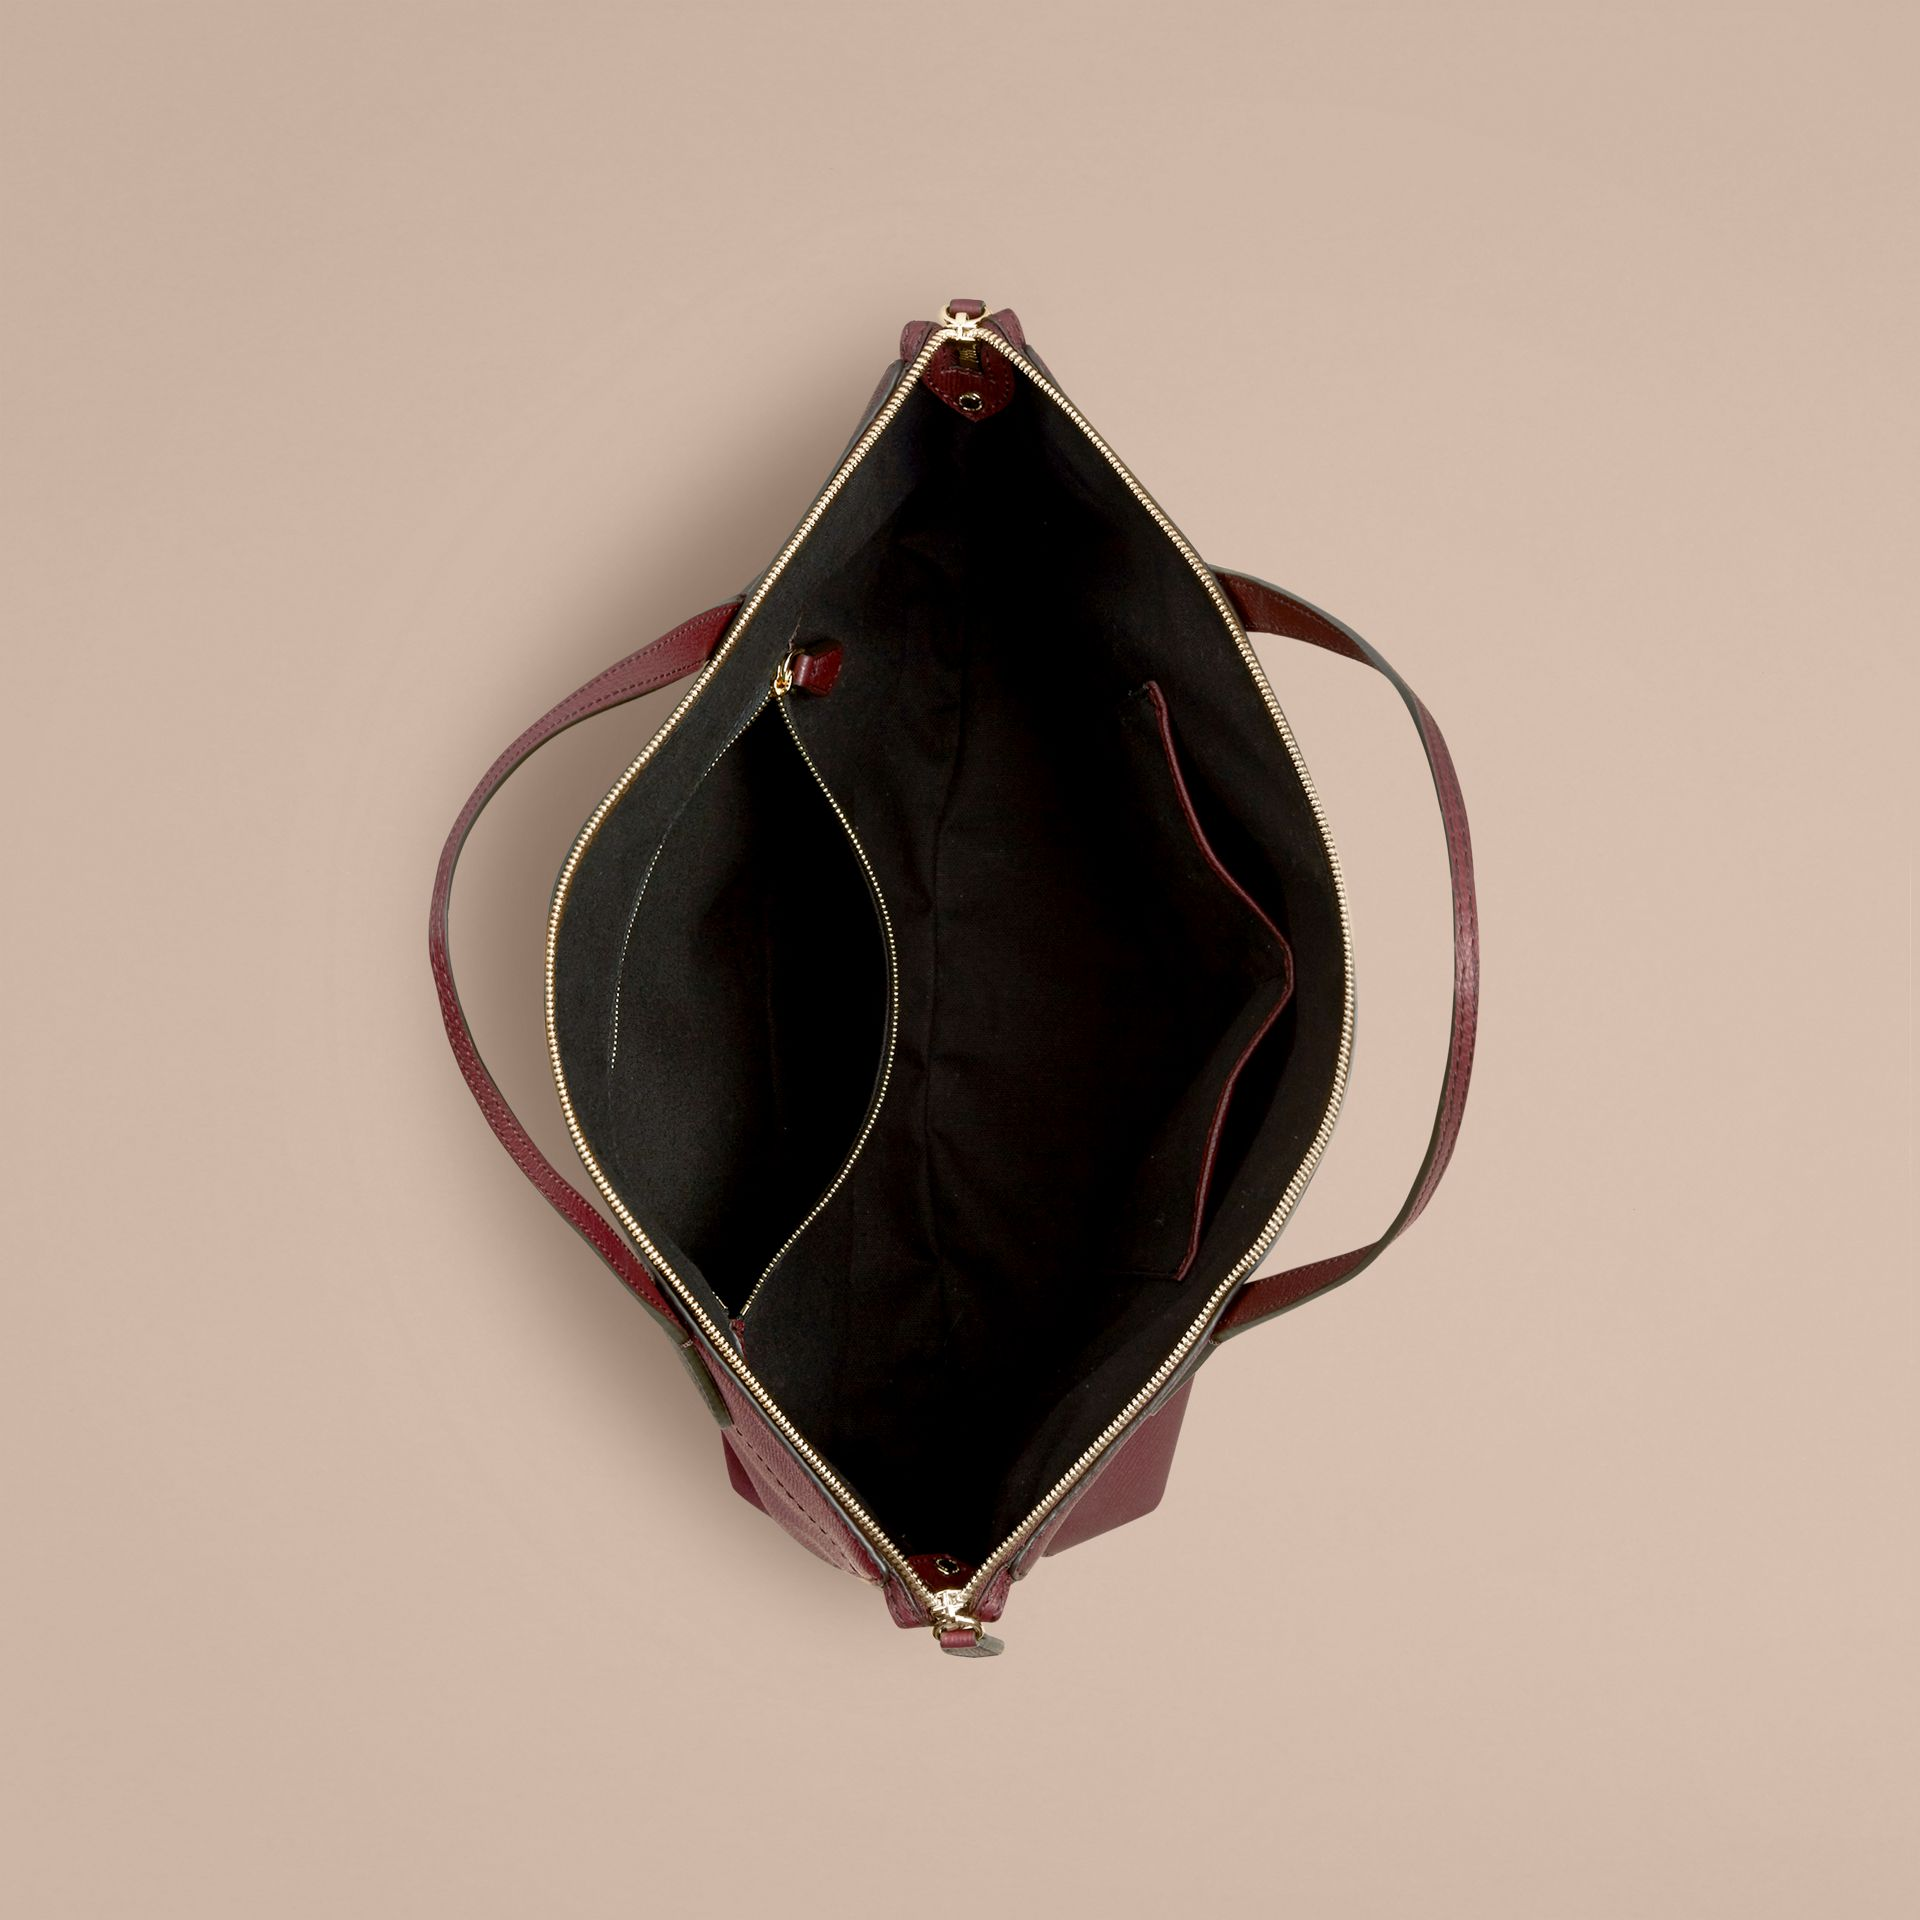 Rojo caoba Bolso tote mediano de piel y checks House Rojo Caoba - imagen de la galería 5